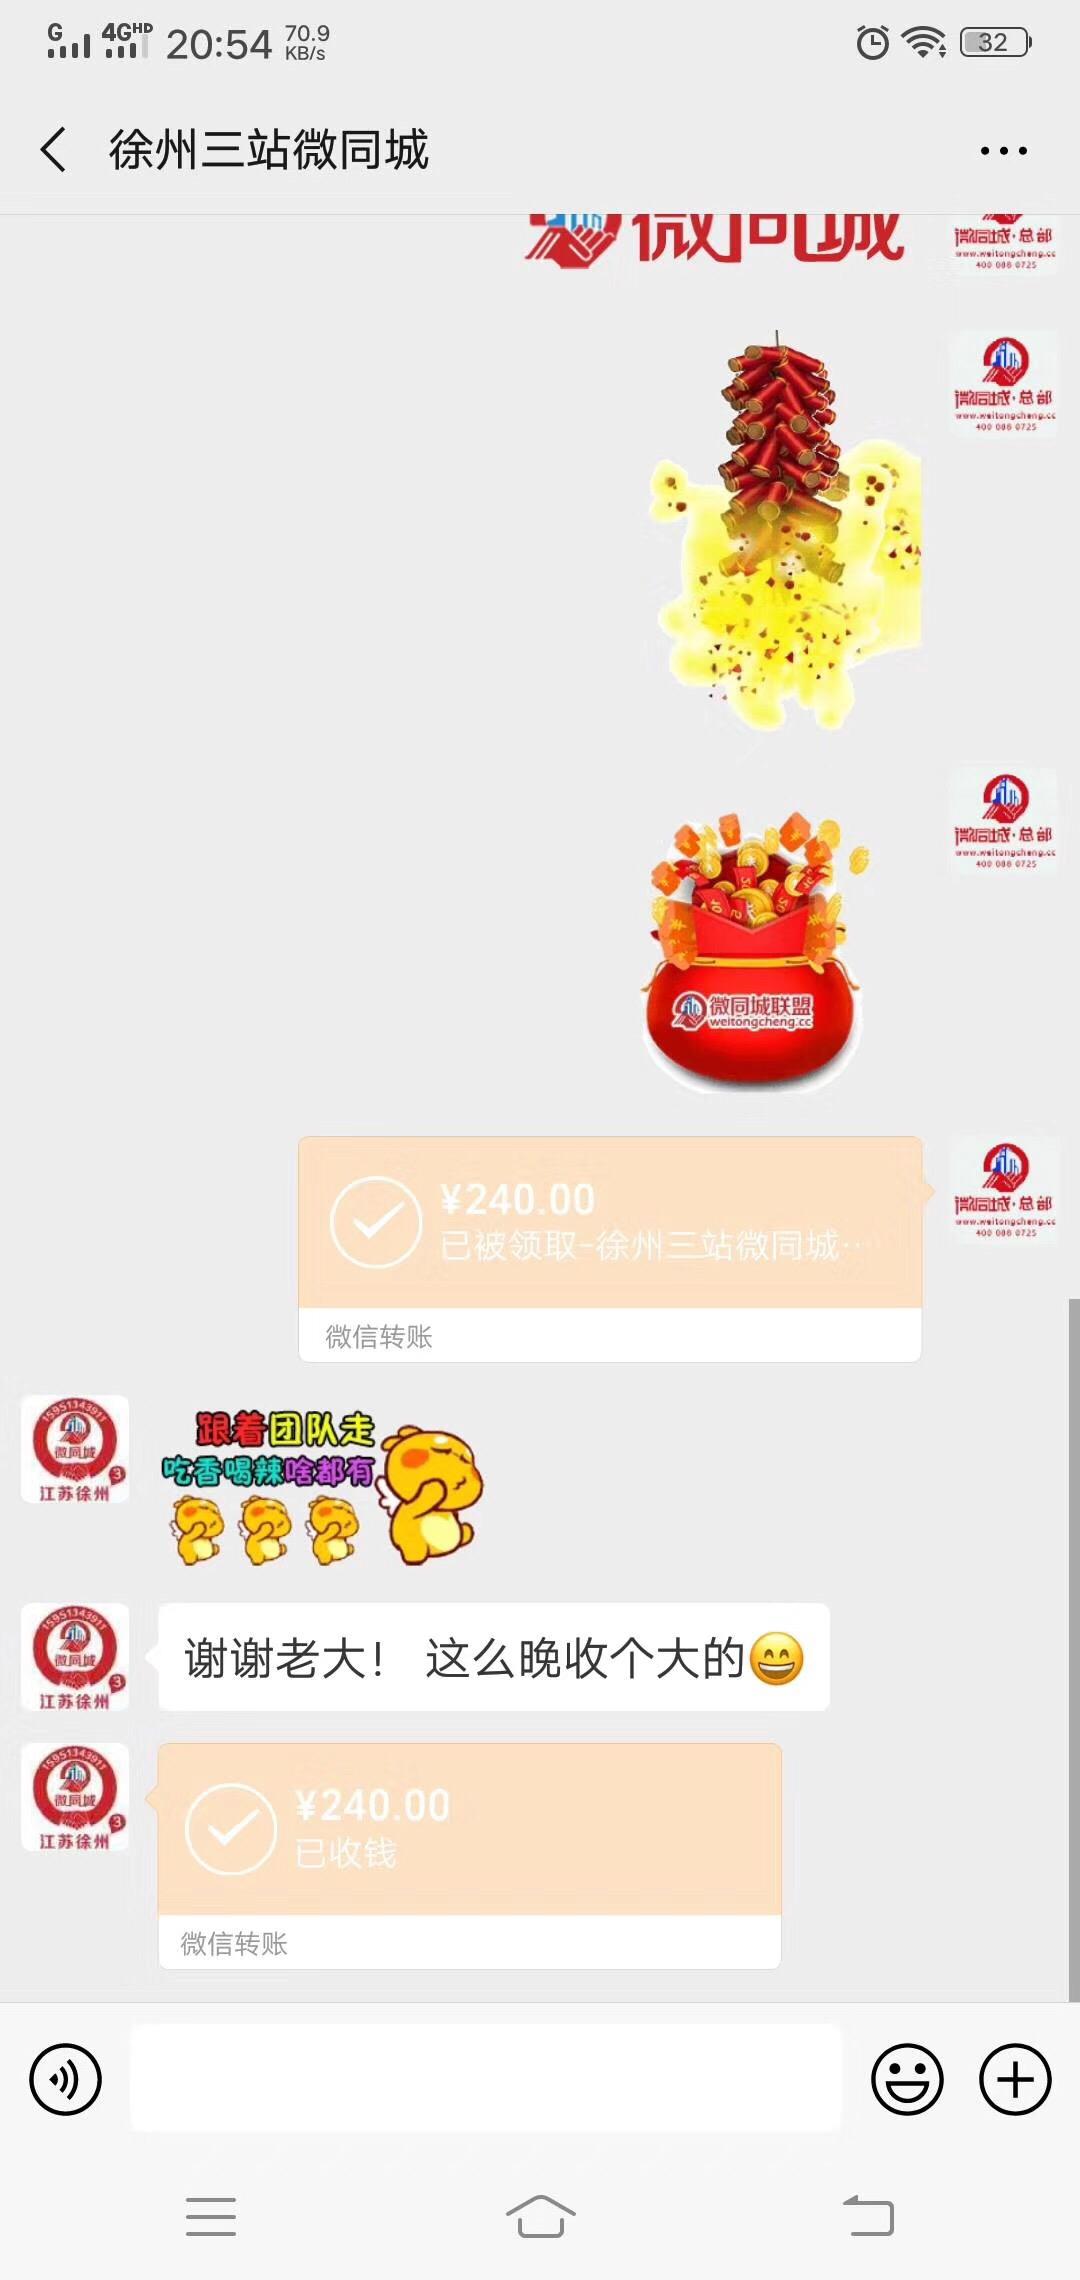 【小赚240元】徐州微全城微帮三站广告佣金